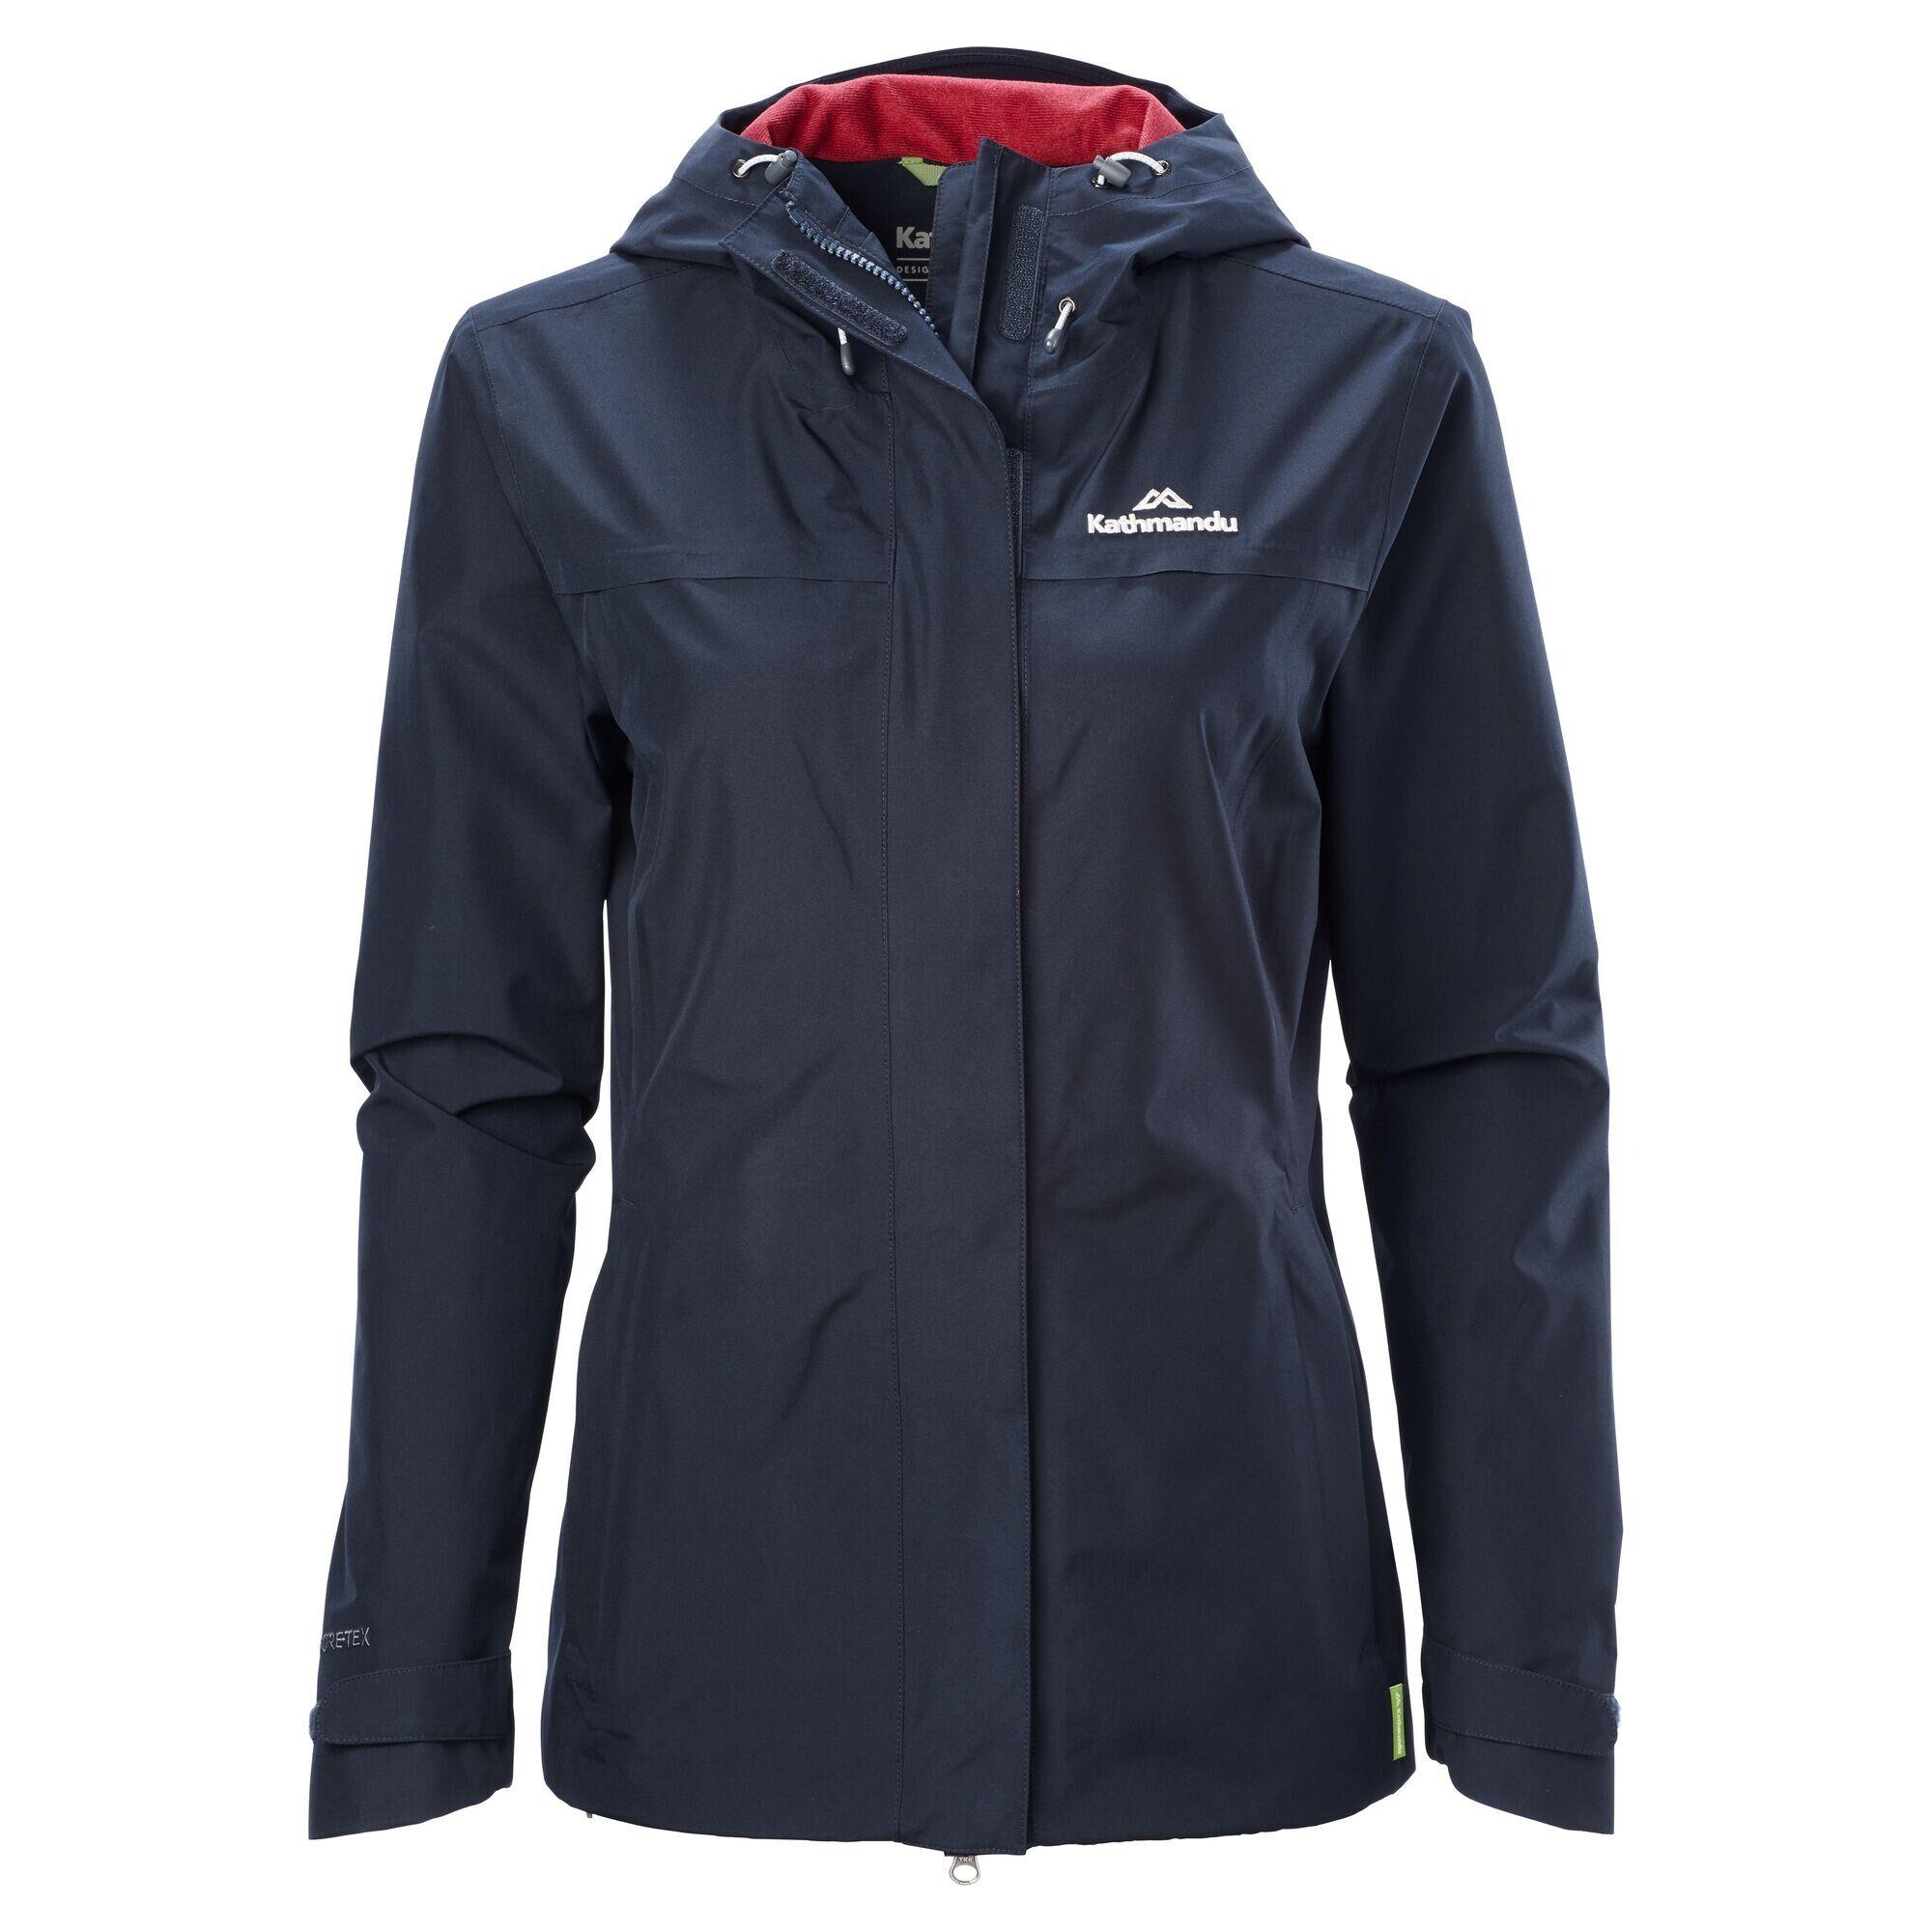 Kathmandu Bealey Women's GORE-TEX Jacket  - Midnight Navy - Size: US 4